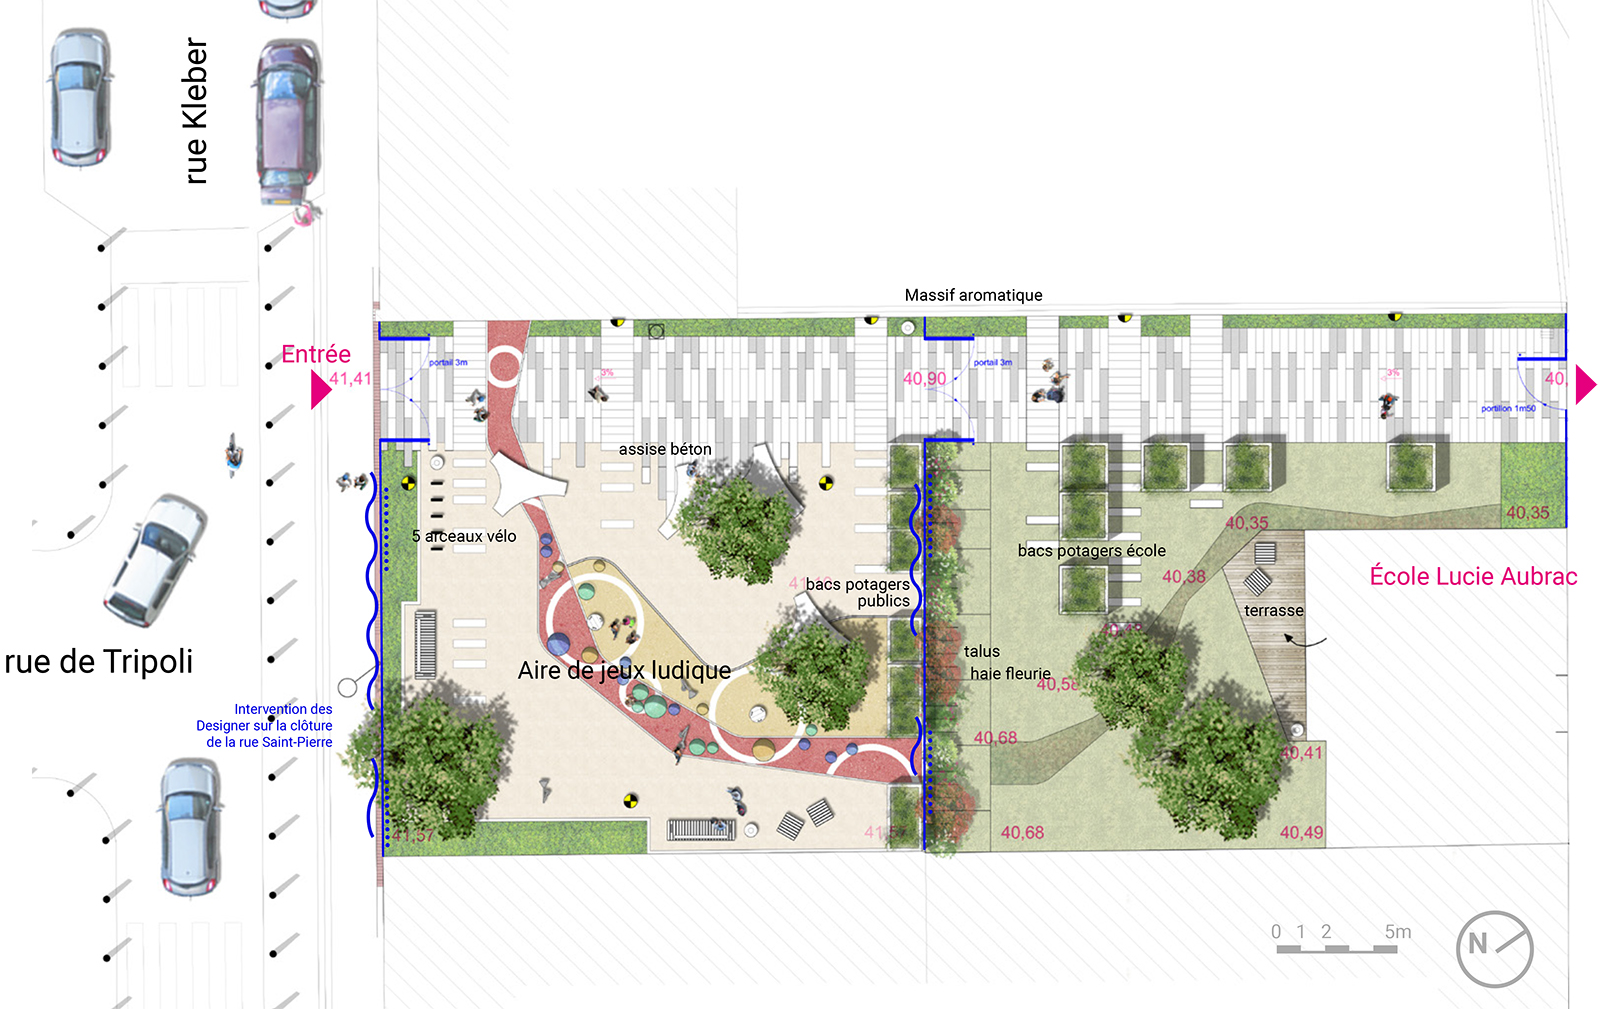 Plan aménagement paysager espace public Parvis Lucie Aubrac